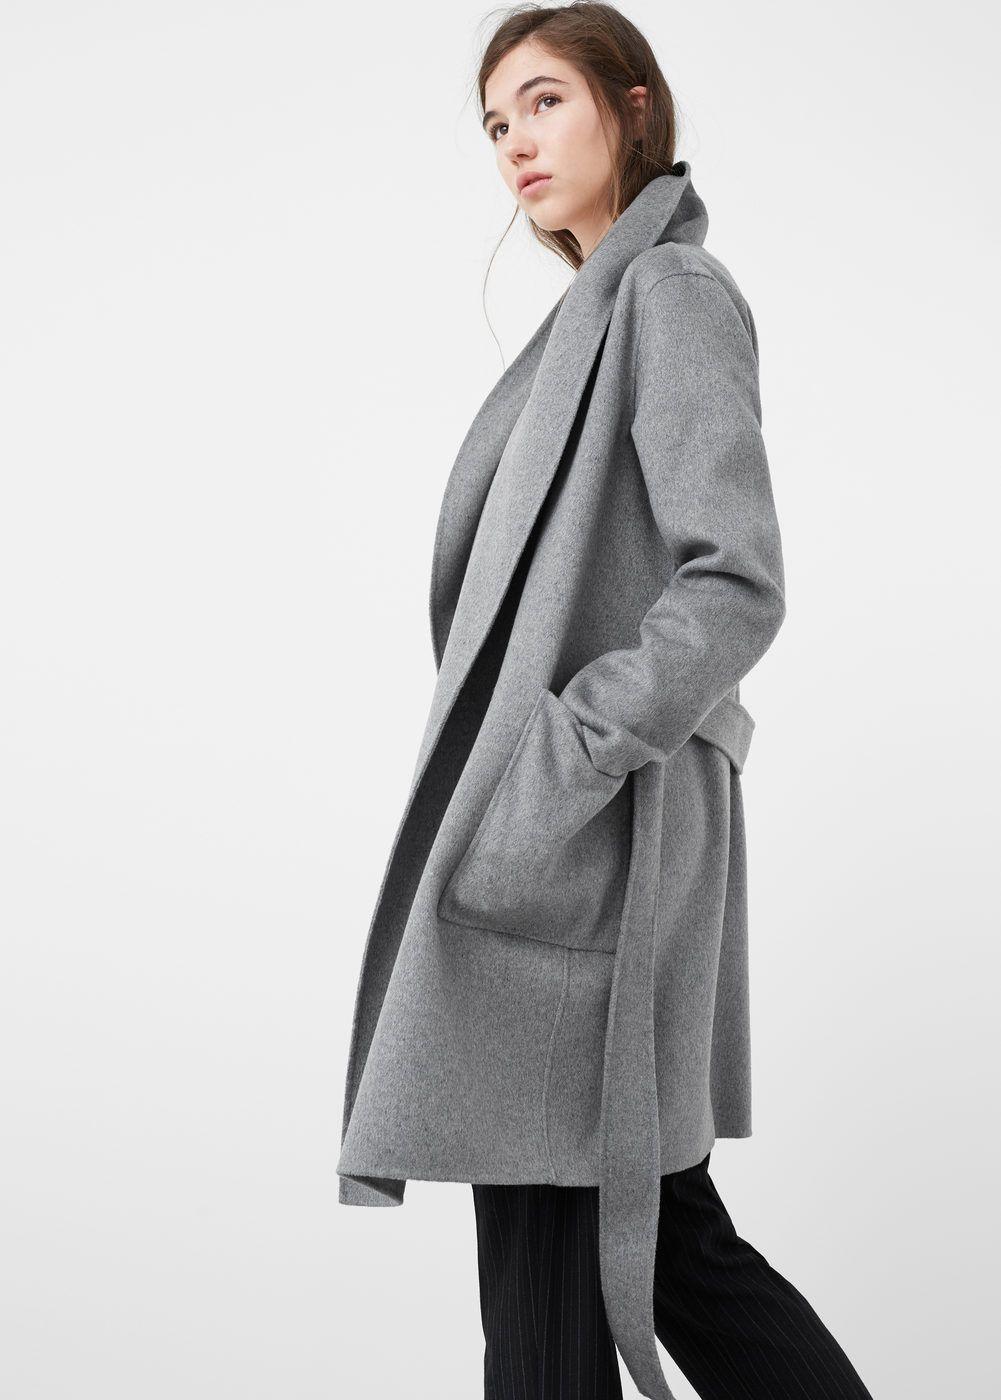 Mujer Abrigo Abrigos Lana Solapas Maxi Moda Pinterest Coats SqR7tqnxr